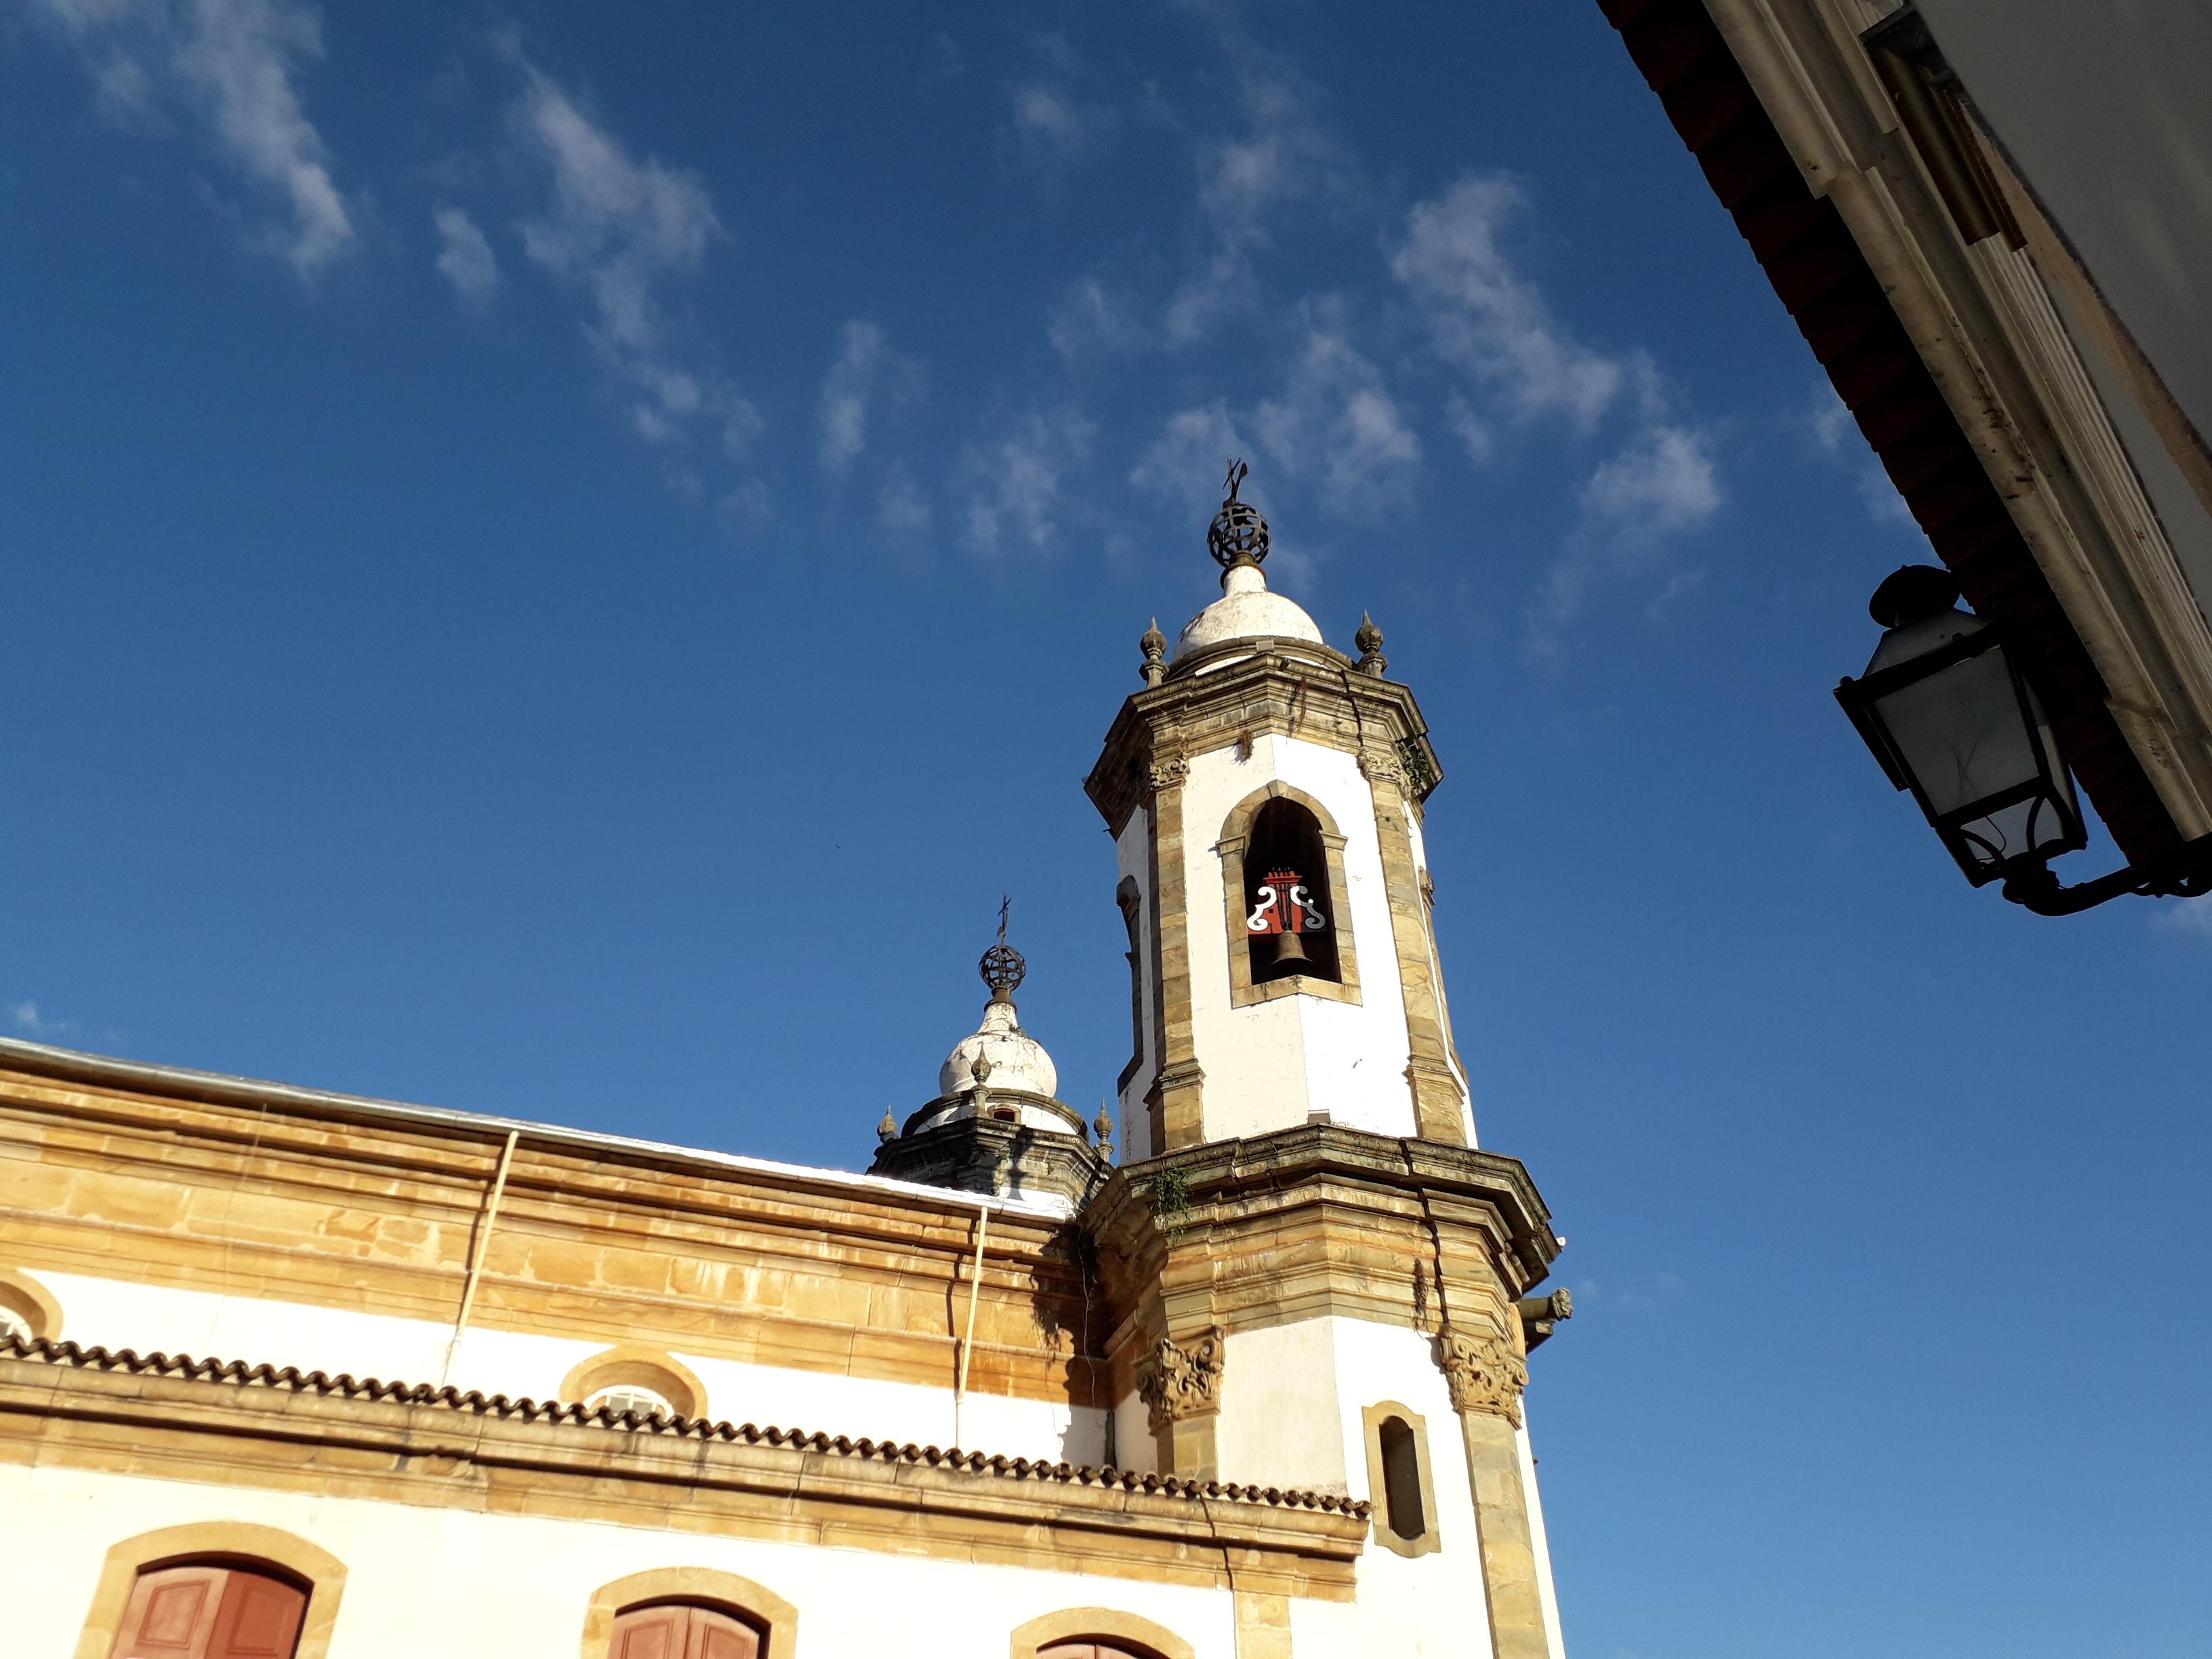 Tentei ignorar o fato e segui andando pelas ruas de São João del-Rei.